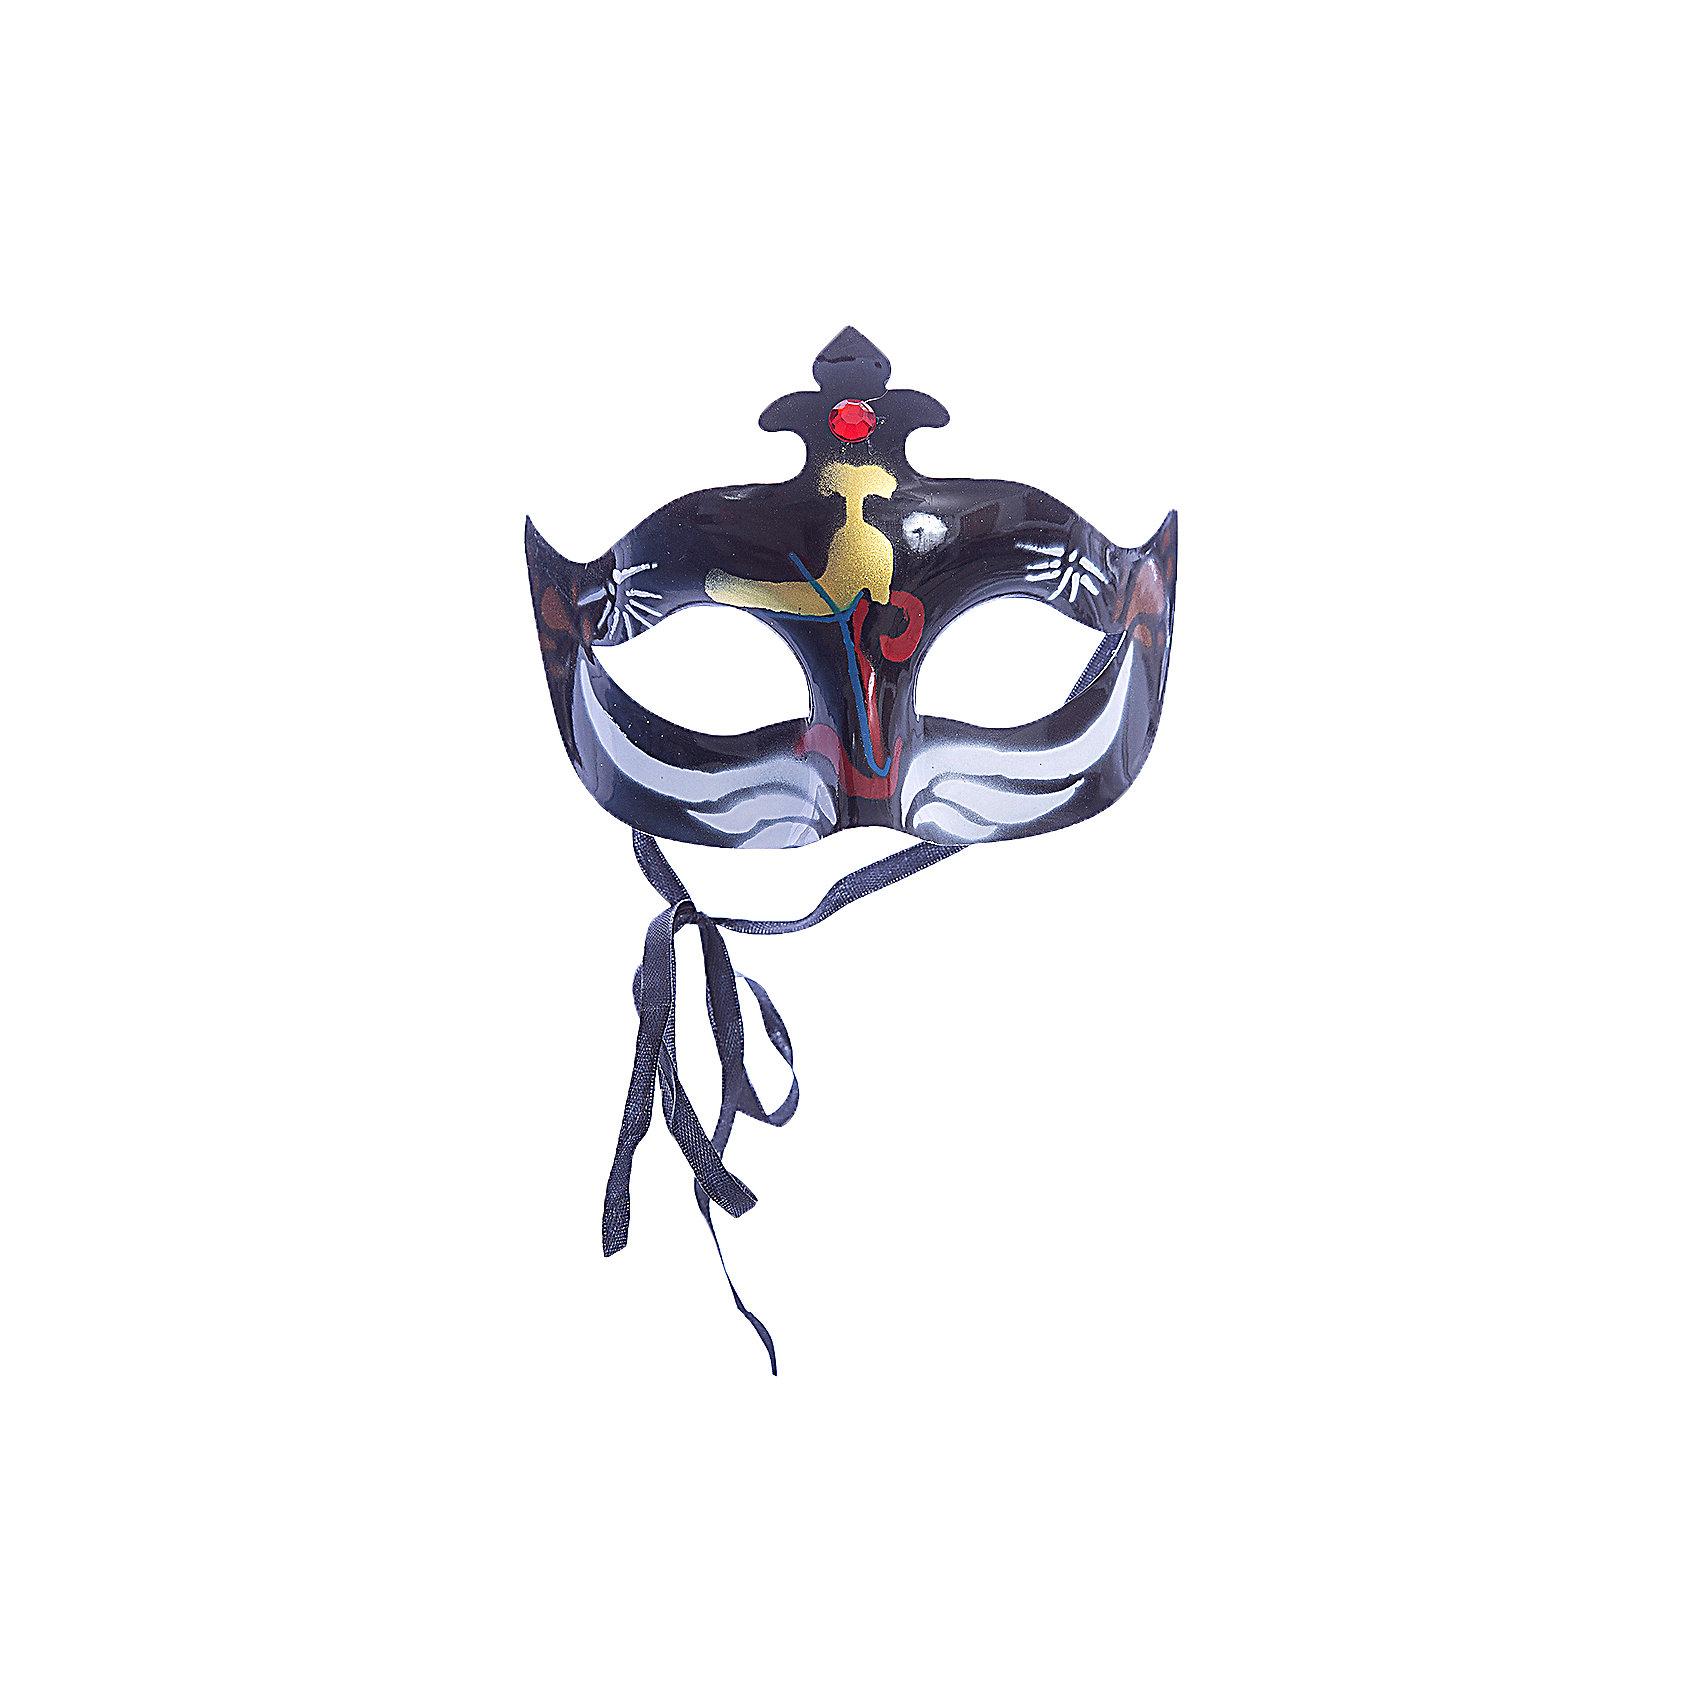 Карнавальная маска КошкаКарнавальные костюмы и аксессуары<br>Карнавальная маска - отличный новогодний аксессуар. Блестящая маска подойдет к любому наряду и эффектно дополнит праздничный образ. <br><br>Дополнительная информация:<br><br>- Материал: пластик. <br>- Размер: 15,5х7,5х9 см.<br>- Украшена глиттером. <br>- Крепится с помощью атласной ленты. <br><br>Карнавальную маску Кошка можно купить в нашем магазине.<br><br>Ширина мм: 150<br>Глубина мм: 150<br>Высота мм: 10<br>Вес г: 28<br>Возраст от месяцев: 36<br>Возраст до месяцев: 2147483647<br>Пол: Женский<br>Возраст: Детский<br>SKU: 4981297